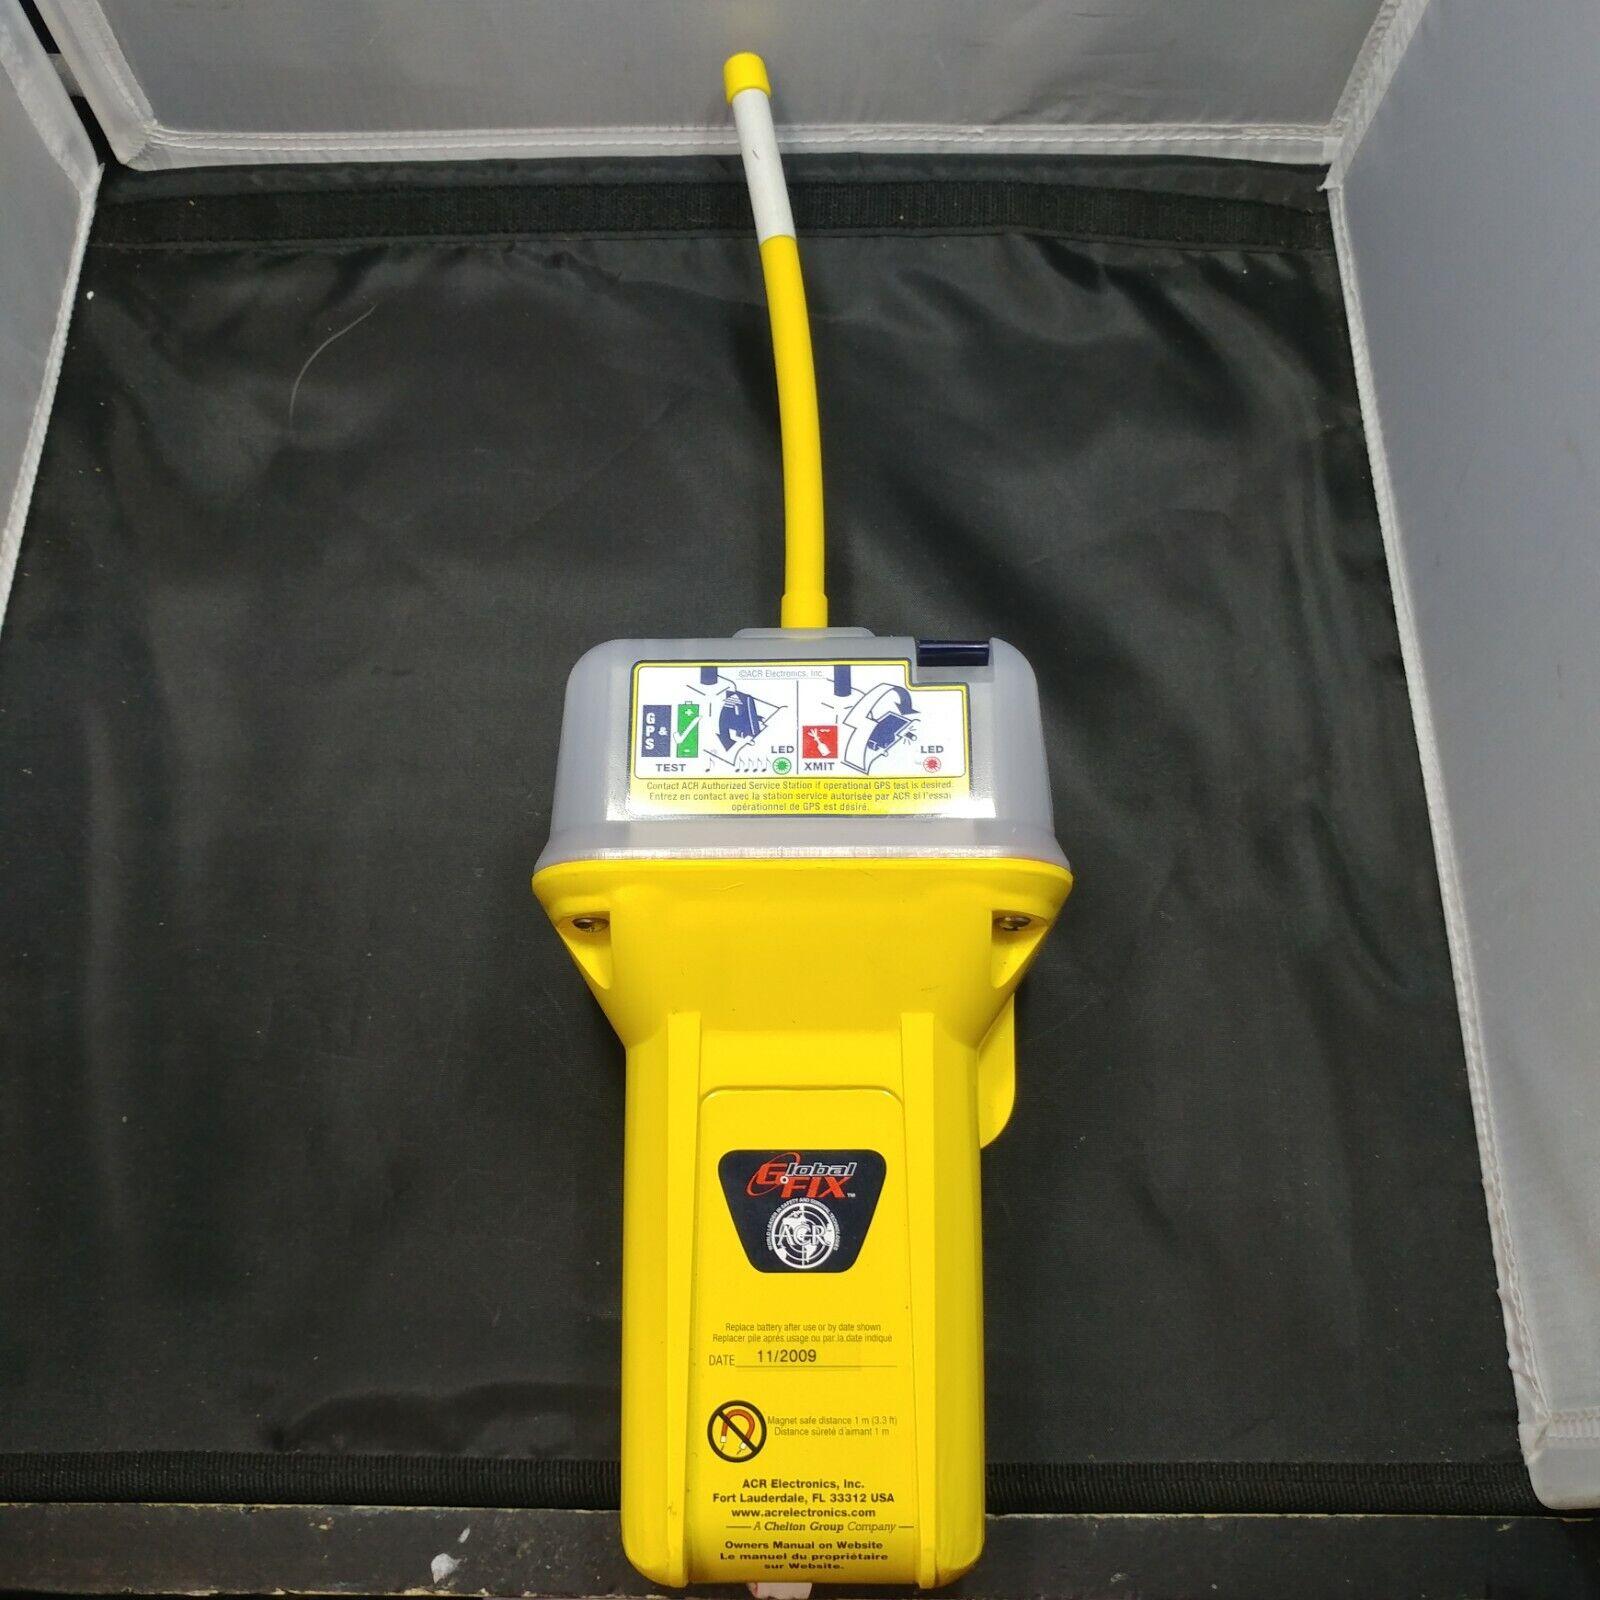 ACR Globalfix Pro 406 Mhz GPS EPIRB 2742 RLB-35 Emergency Radio Beacon Cat 1